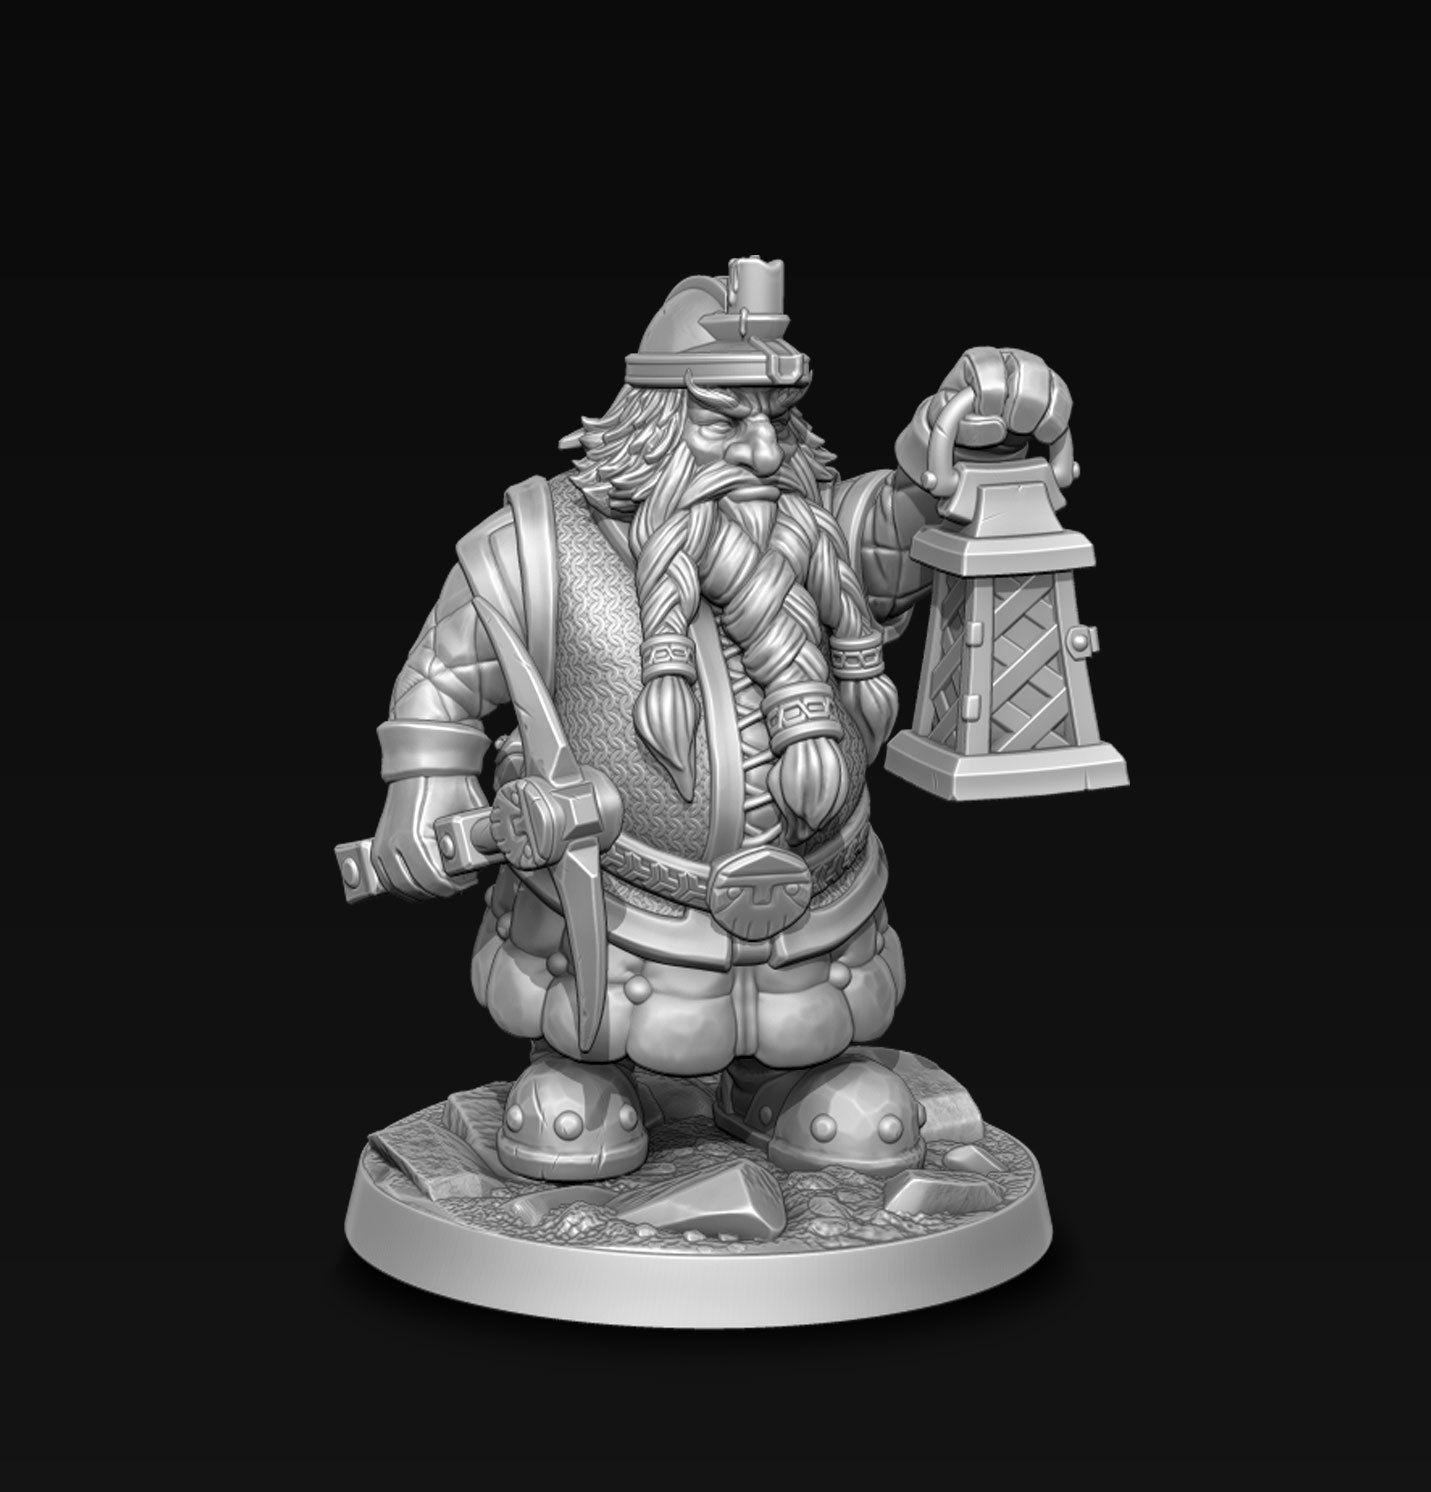 Dwarf miner with lantern